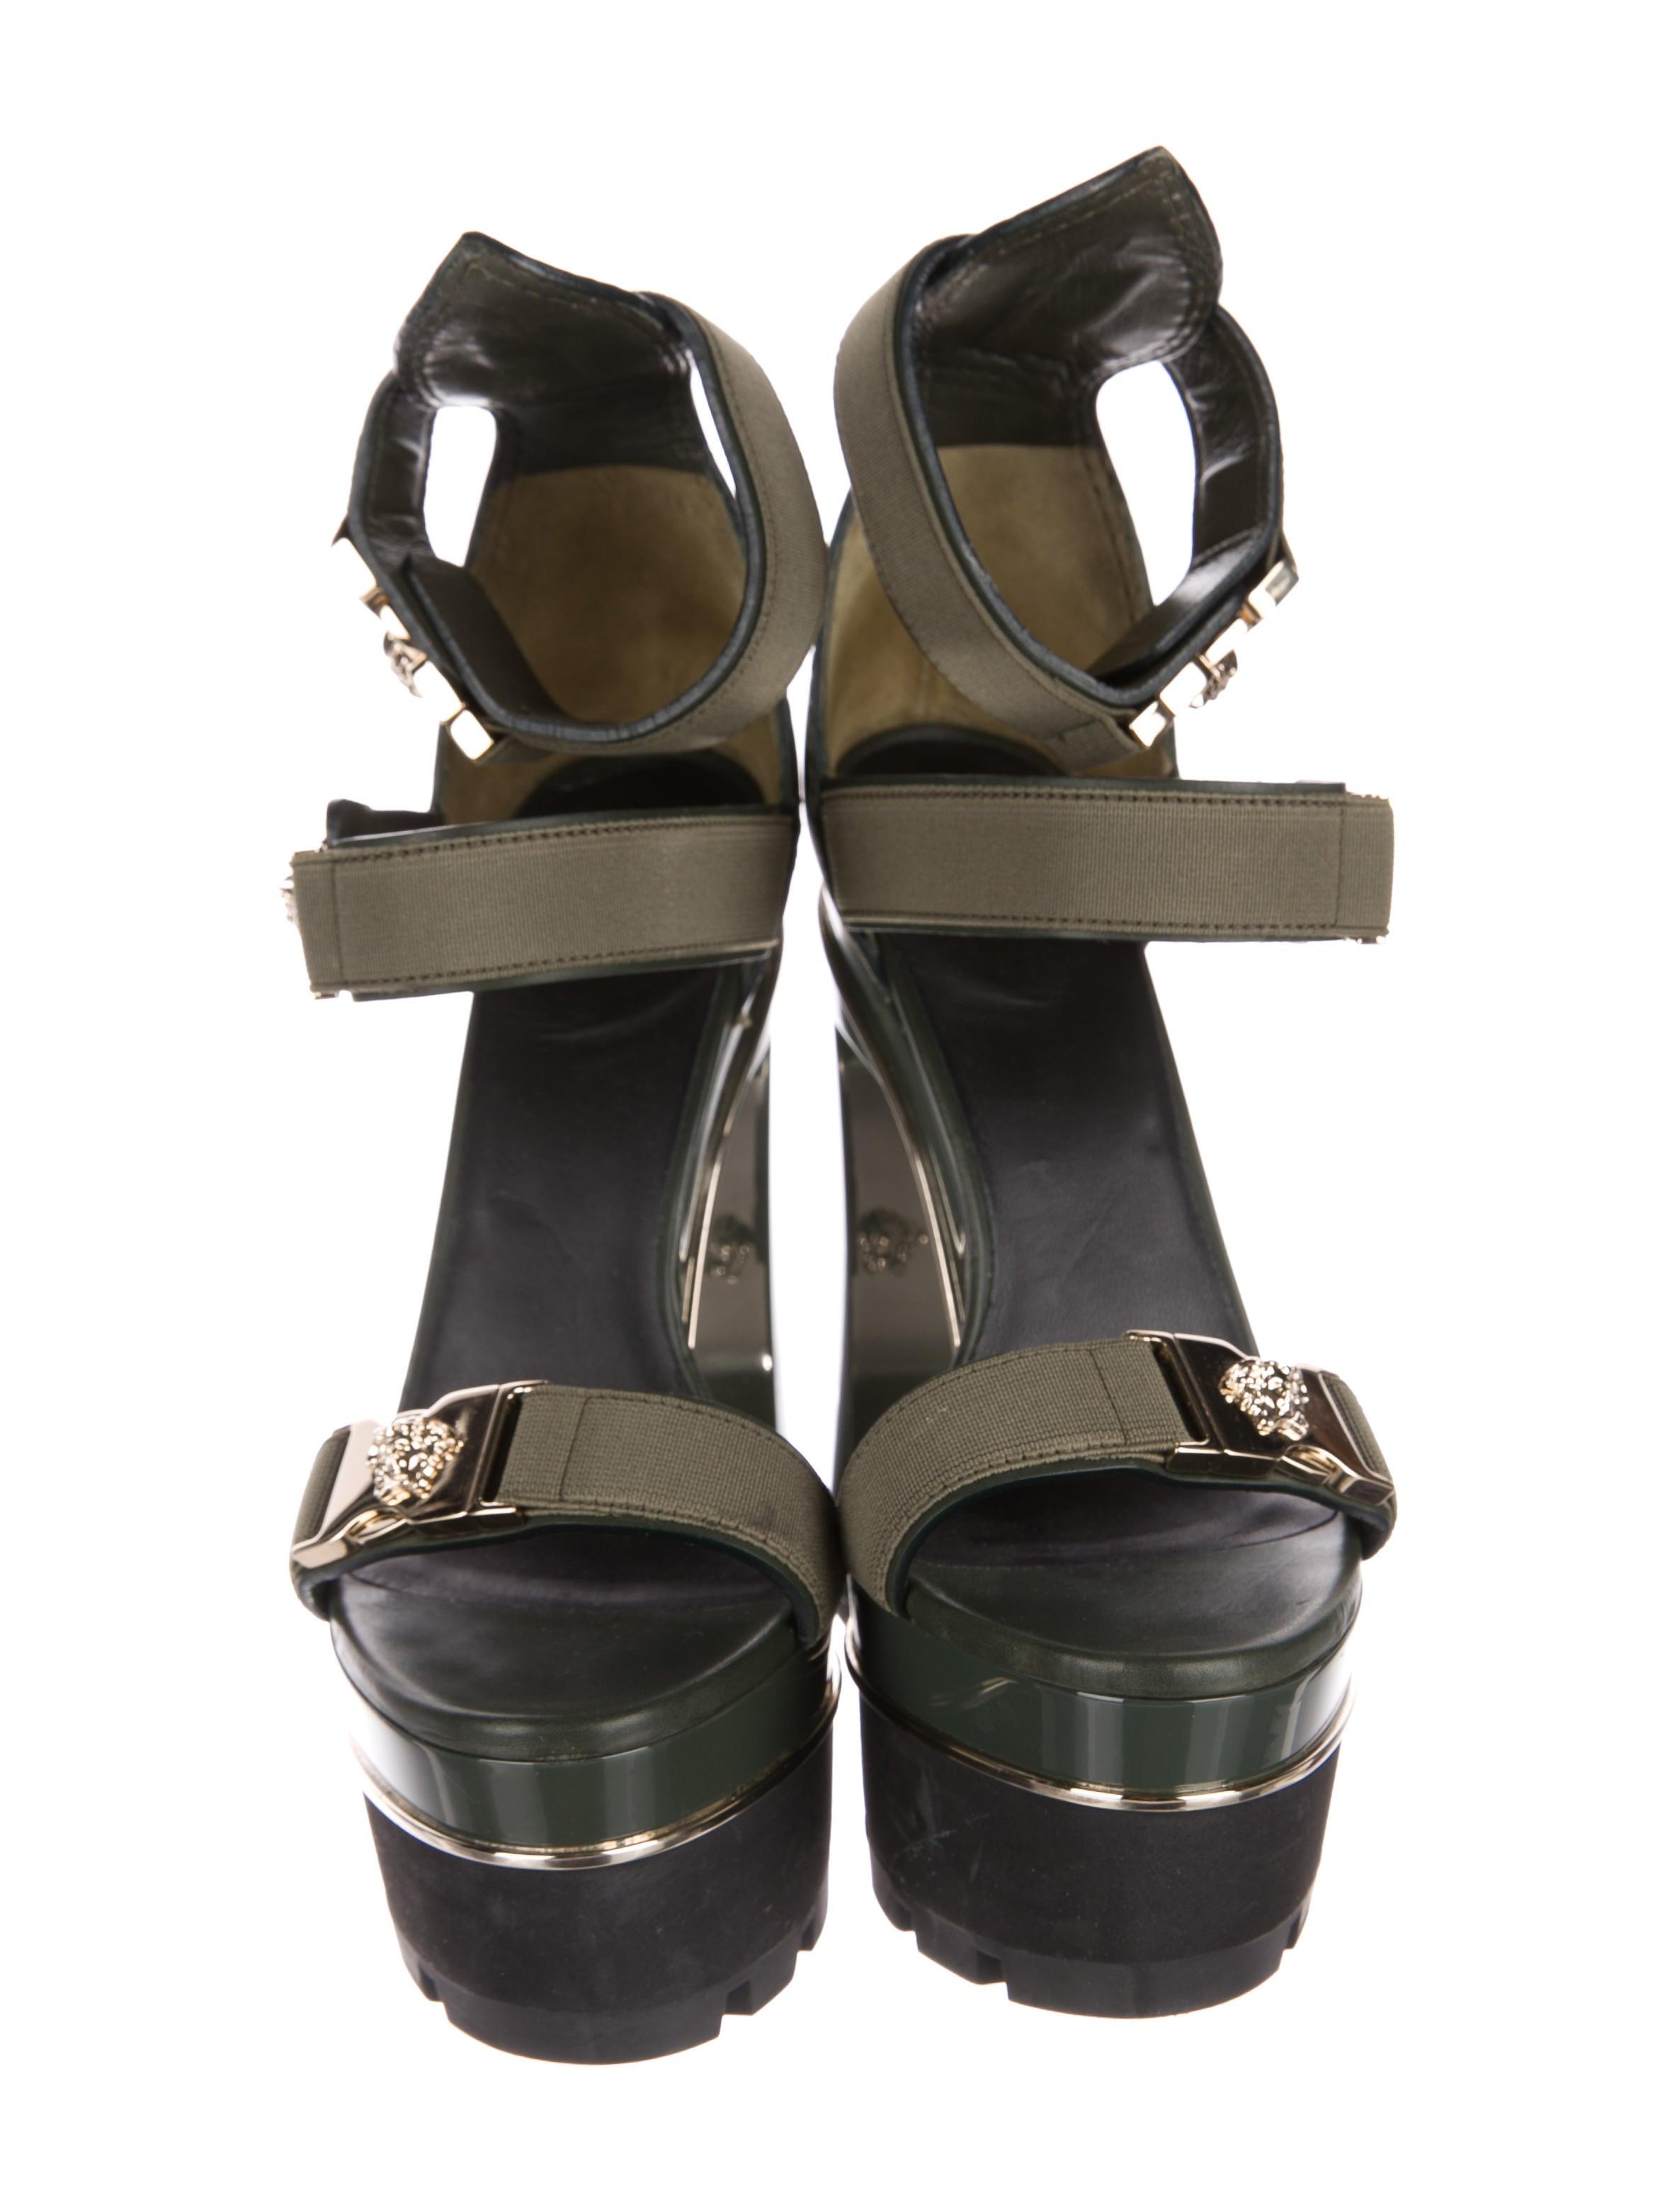 Versace Medusa Platform Sandals Shoes Ves31271 The